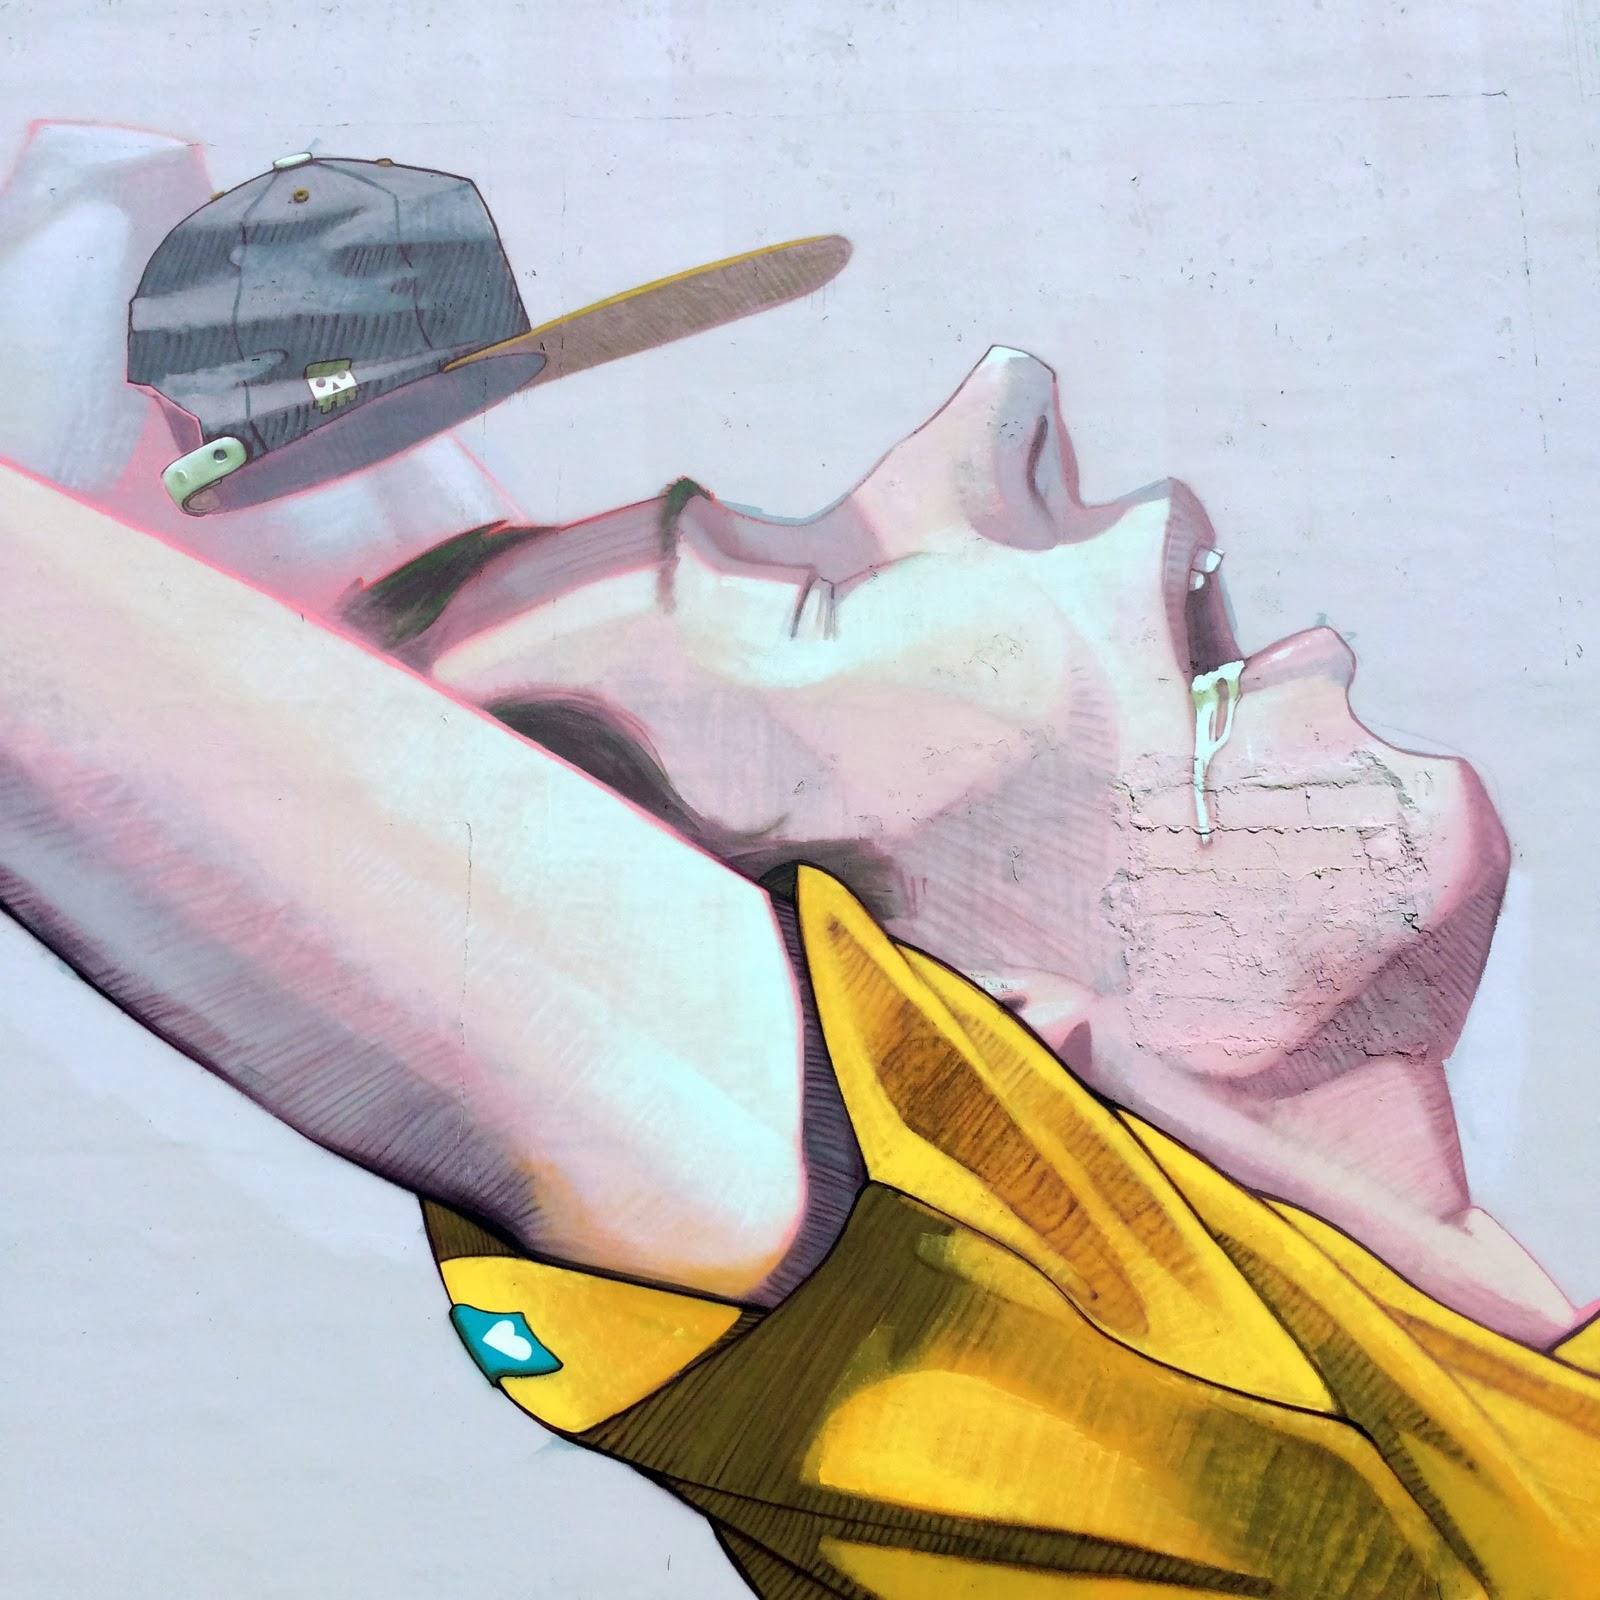 sainer-new-mural-for-art-basel-2013-06